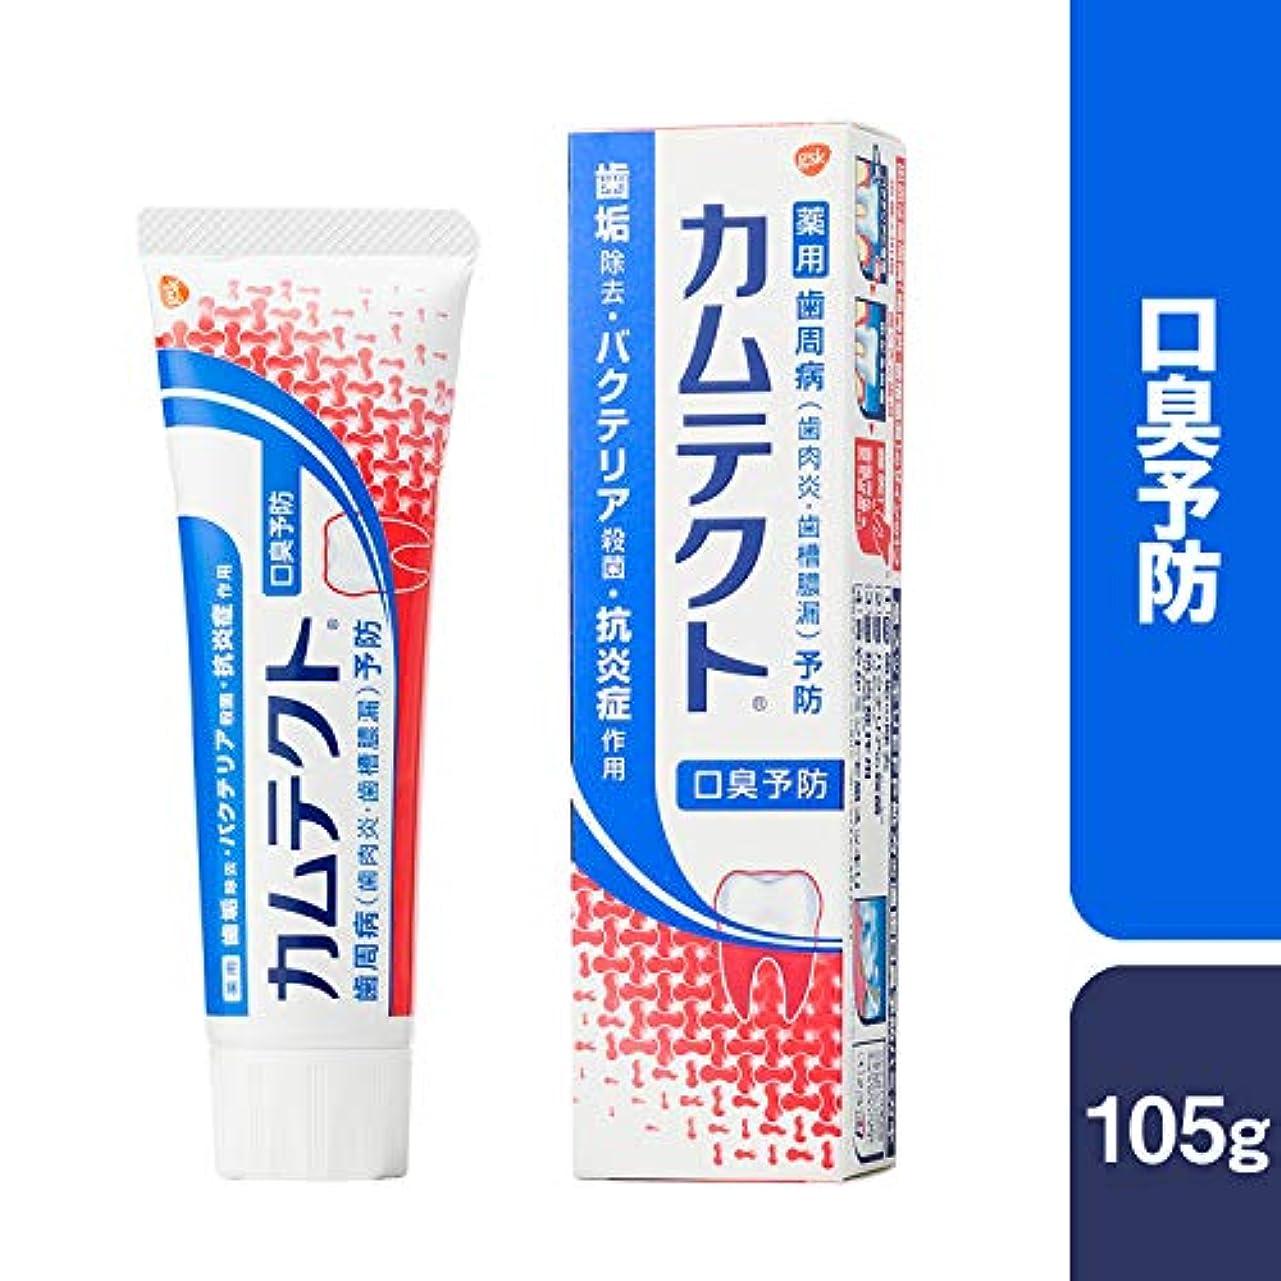 シリング乱用独立[医薬部外品]カムテクト 口臭予防 歯周病(歯肉炎?歯槽膿漏) 予防 歯みがき粉 105g